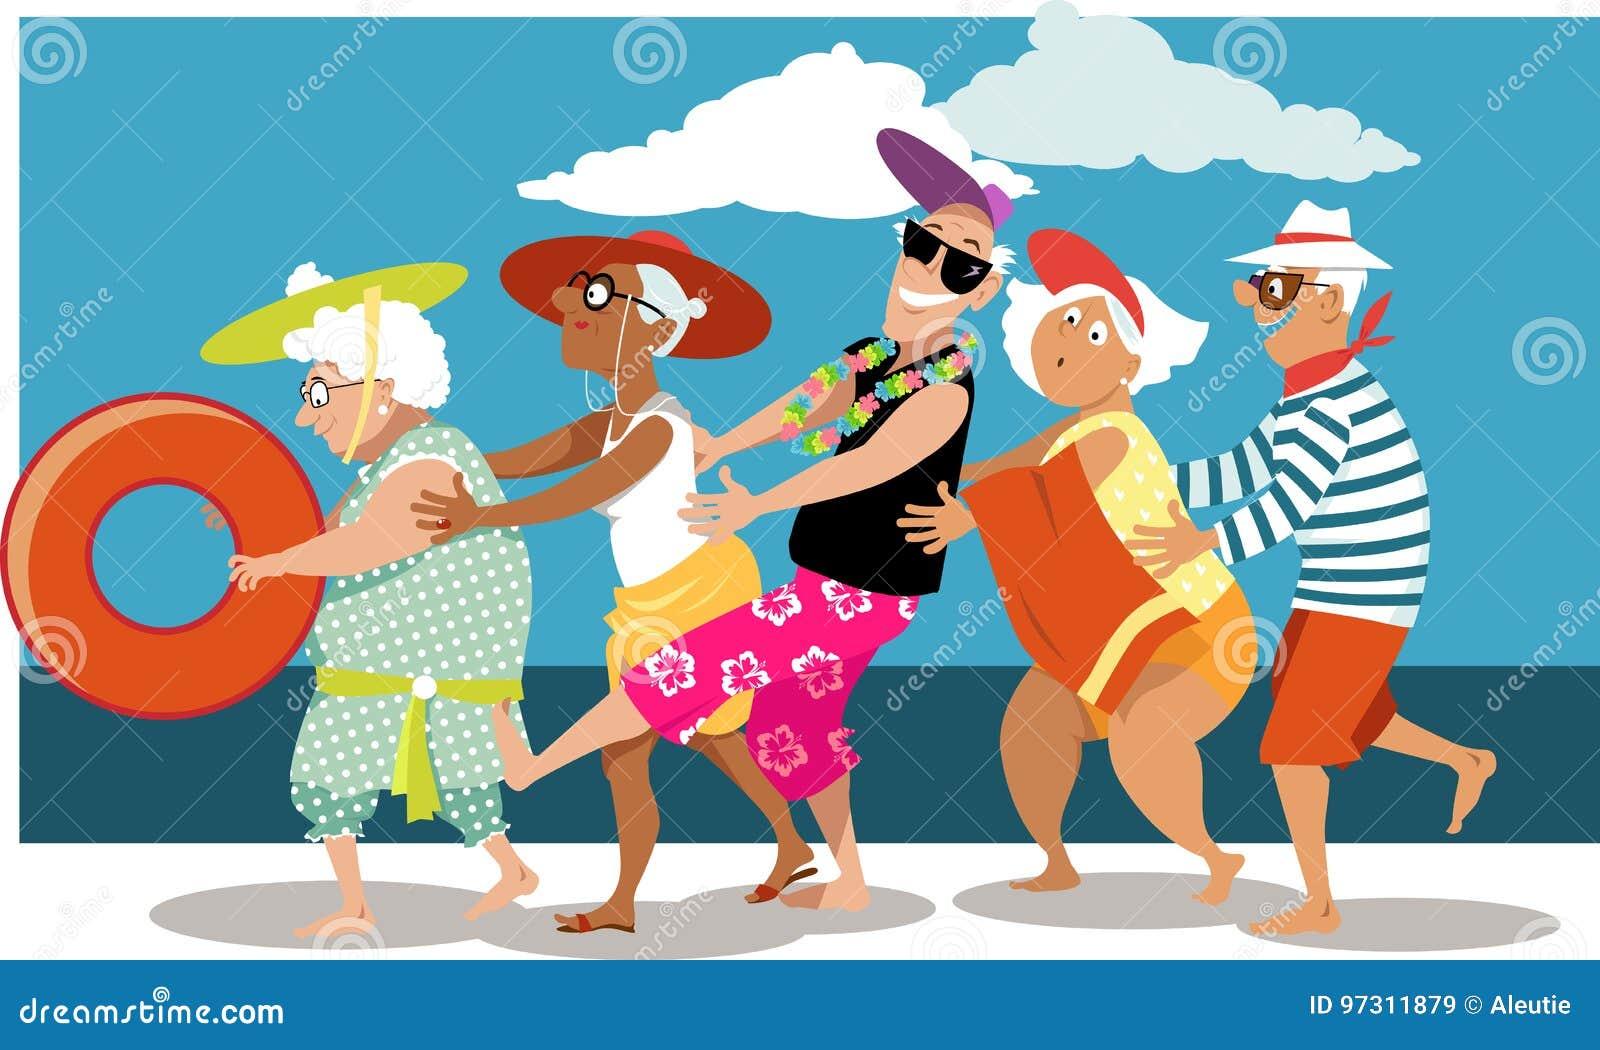 Dream Dance By Line Art Inc : Seniors stock illustrations